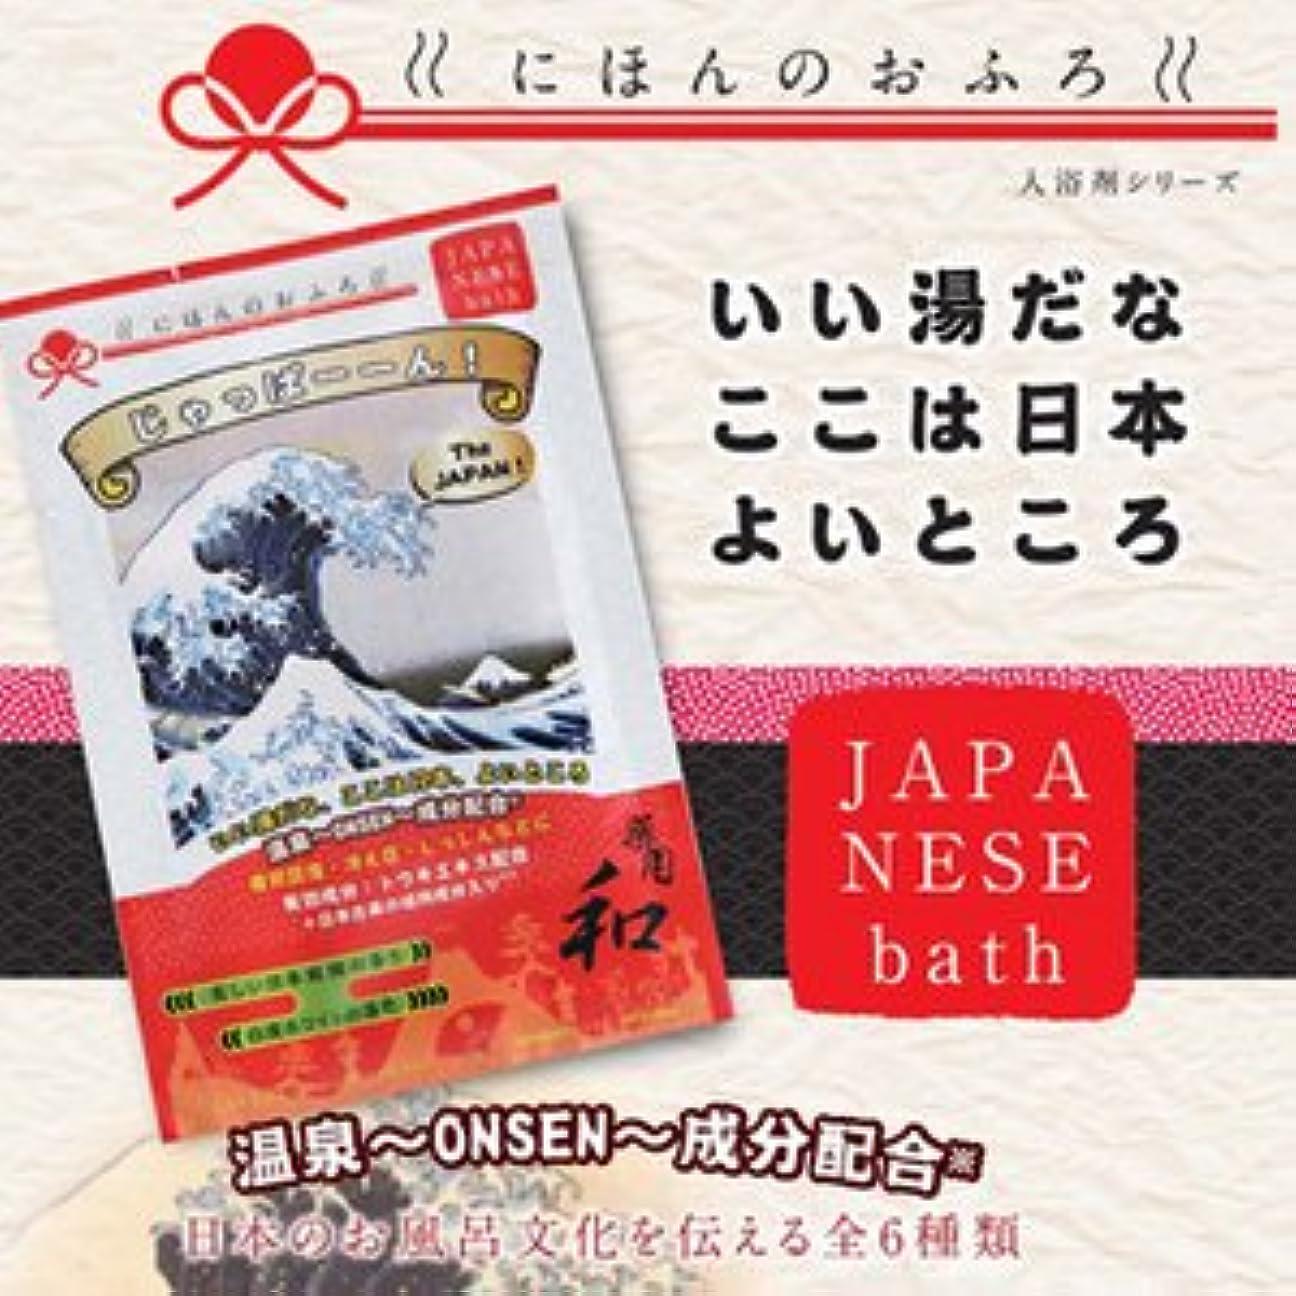 地域のラップトップ第二に日本のお風呂 全部ためせる6種類セット 入浴剤 福袋/入浴剤福袋